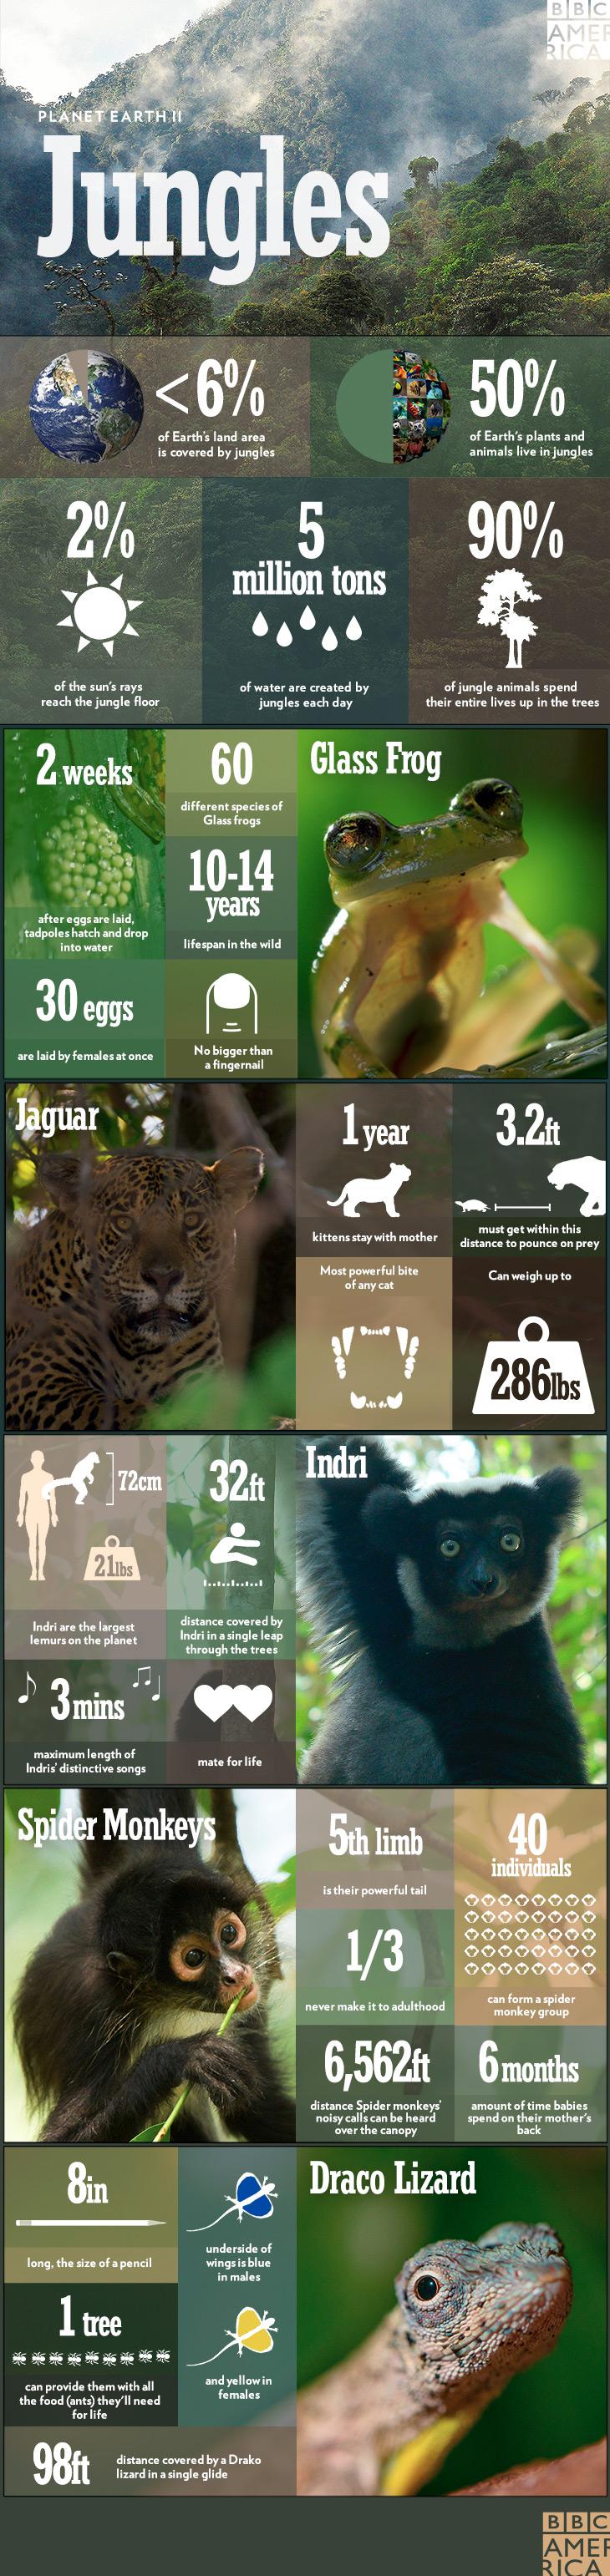 PEII_infographic_jungles_2